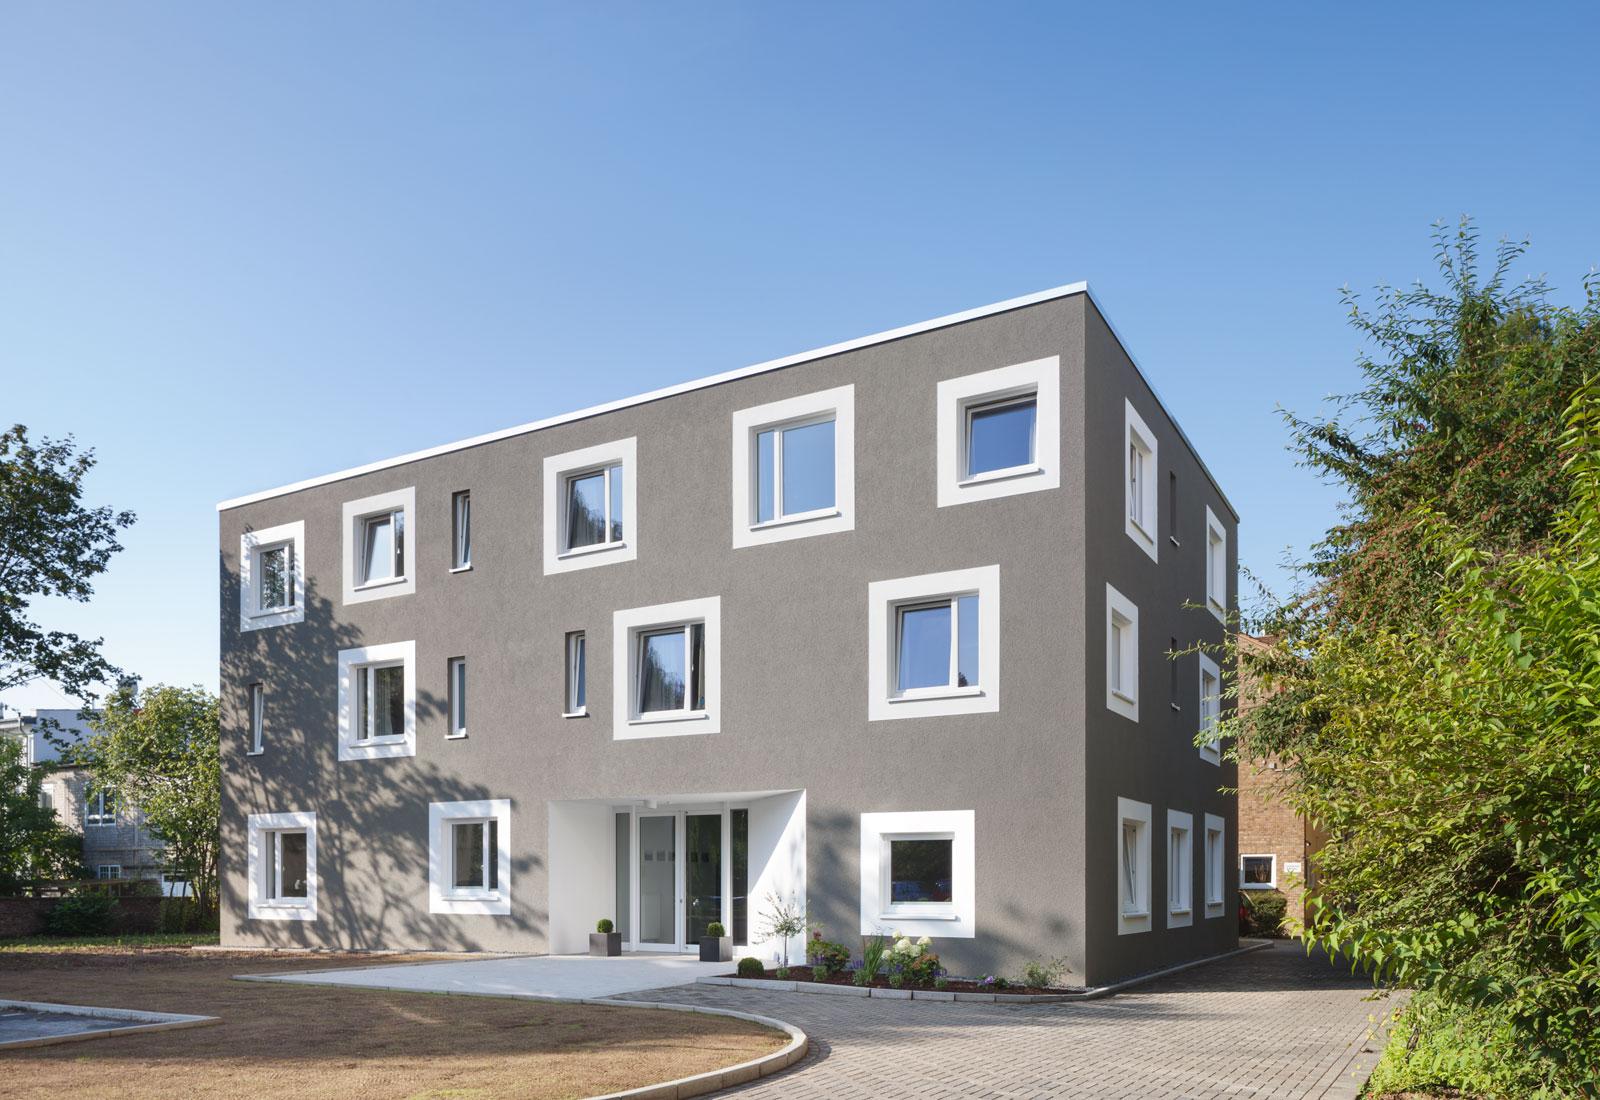 Architekt Bonn Neubau Jugendwohnheim Abbruch, Jugendwohnheim, Koenigs Rütter Architket